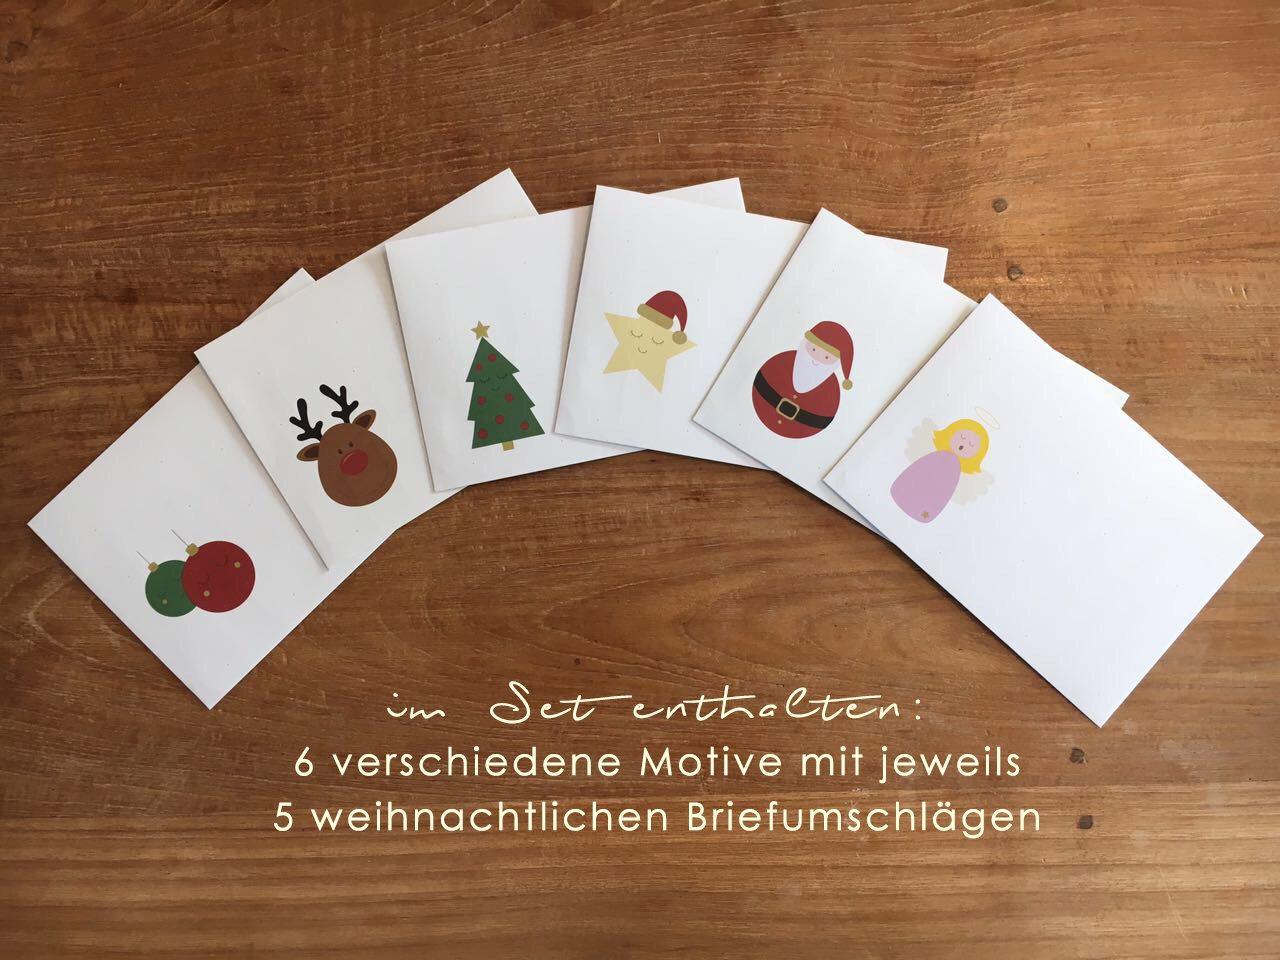 Material Escolar Incluye 6 X 5 Sobres A Juego Y Una Passenden Cartón Papel De Carta De Navidad Din A4 Navidad De Papel De Carta De Juego Oh My Deer 6 X 5 Hojas